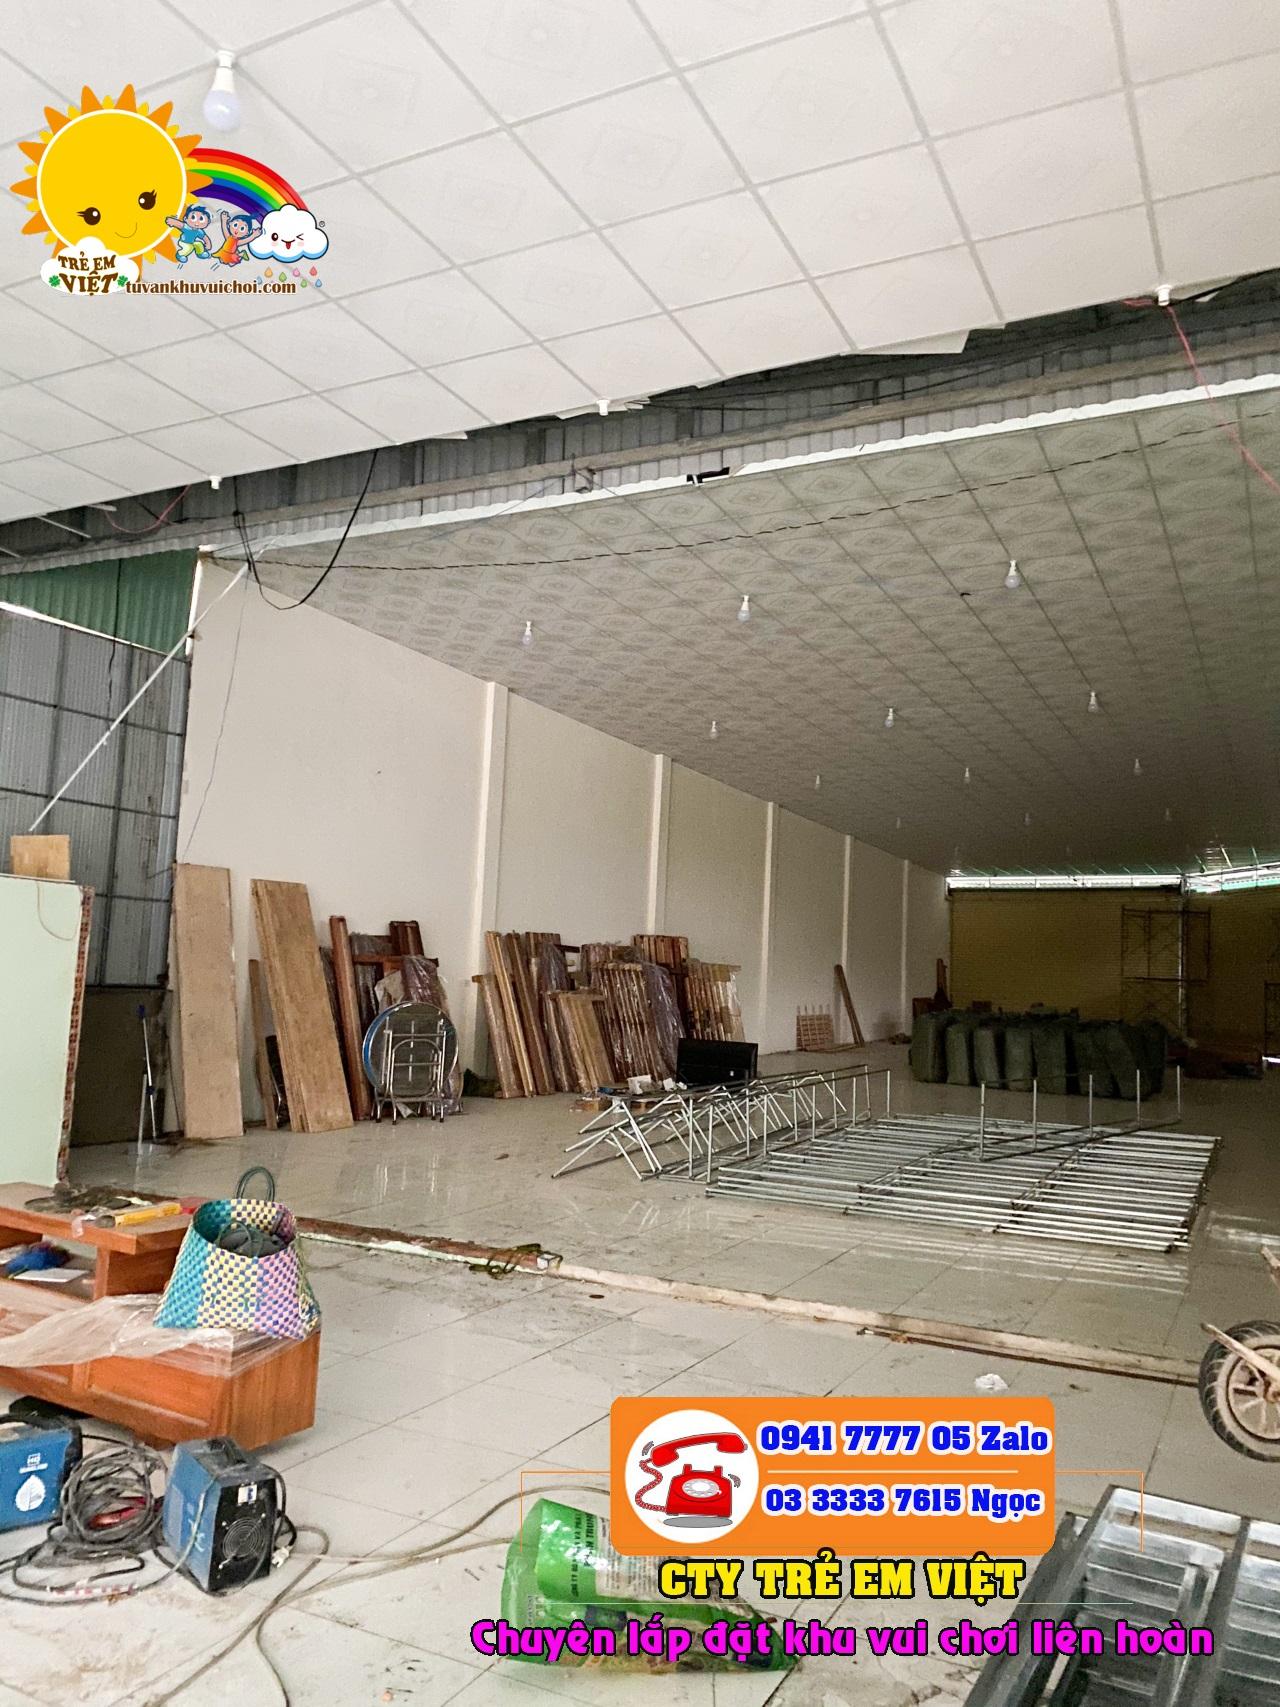 Mặt bằng xây dựng khu vui chơi trẻ em trong nhà với độ cao trần 4.8m.